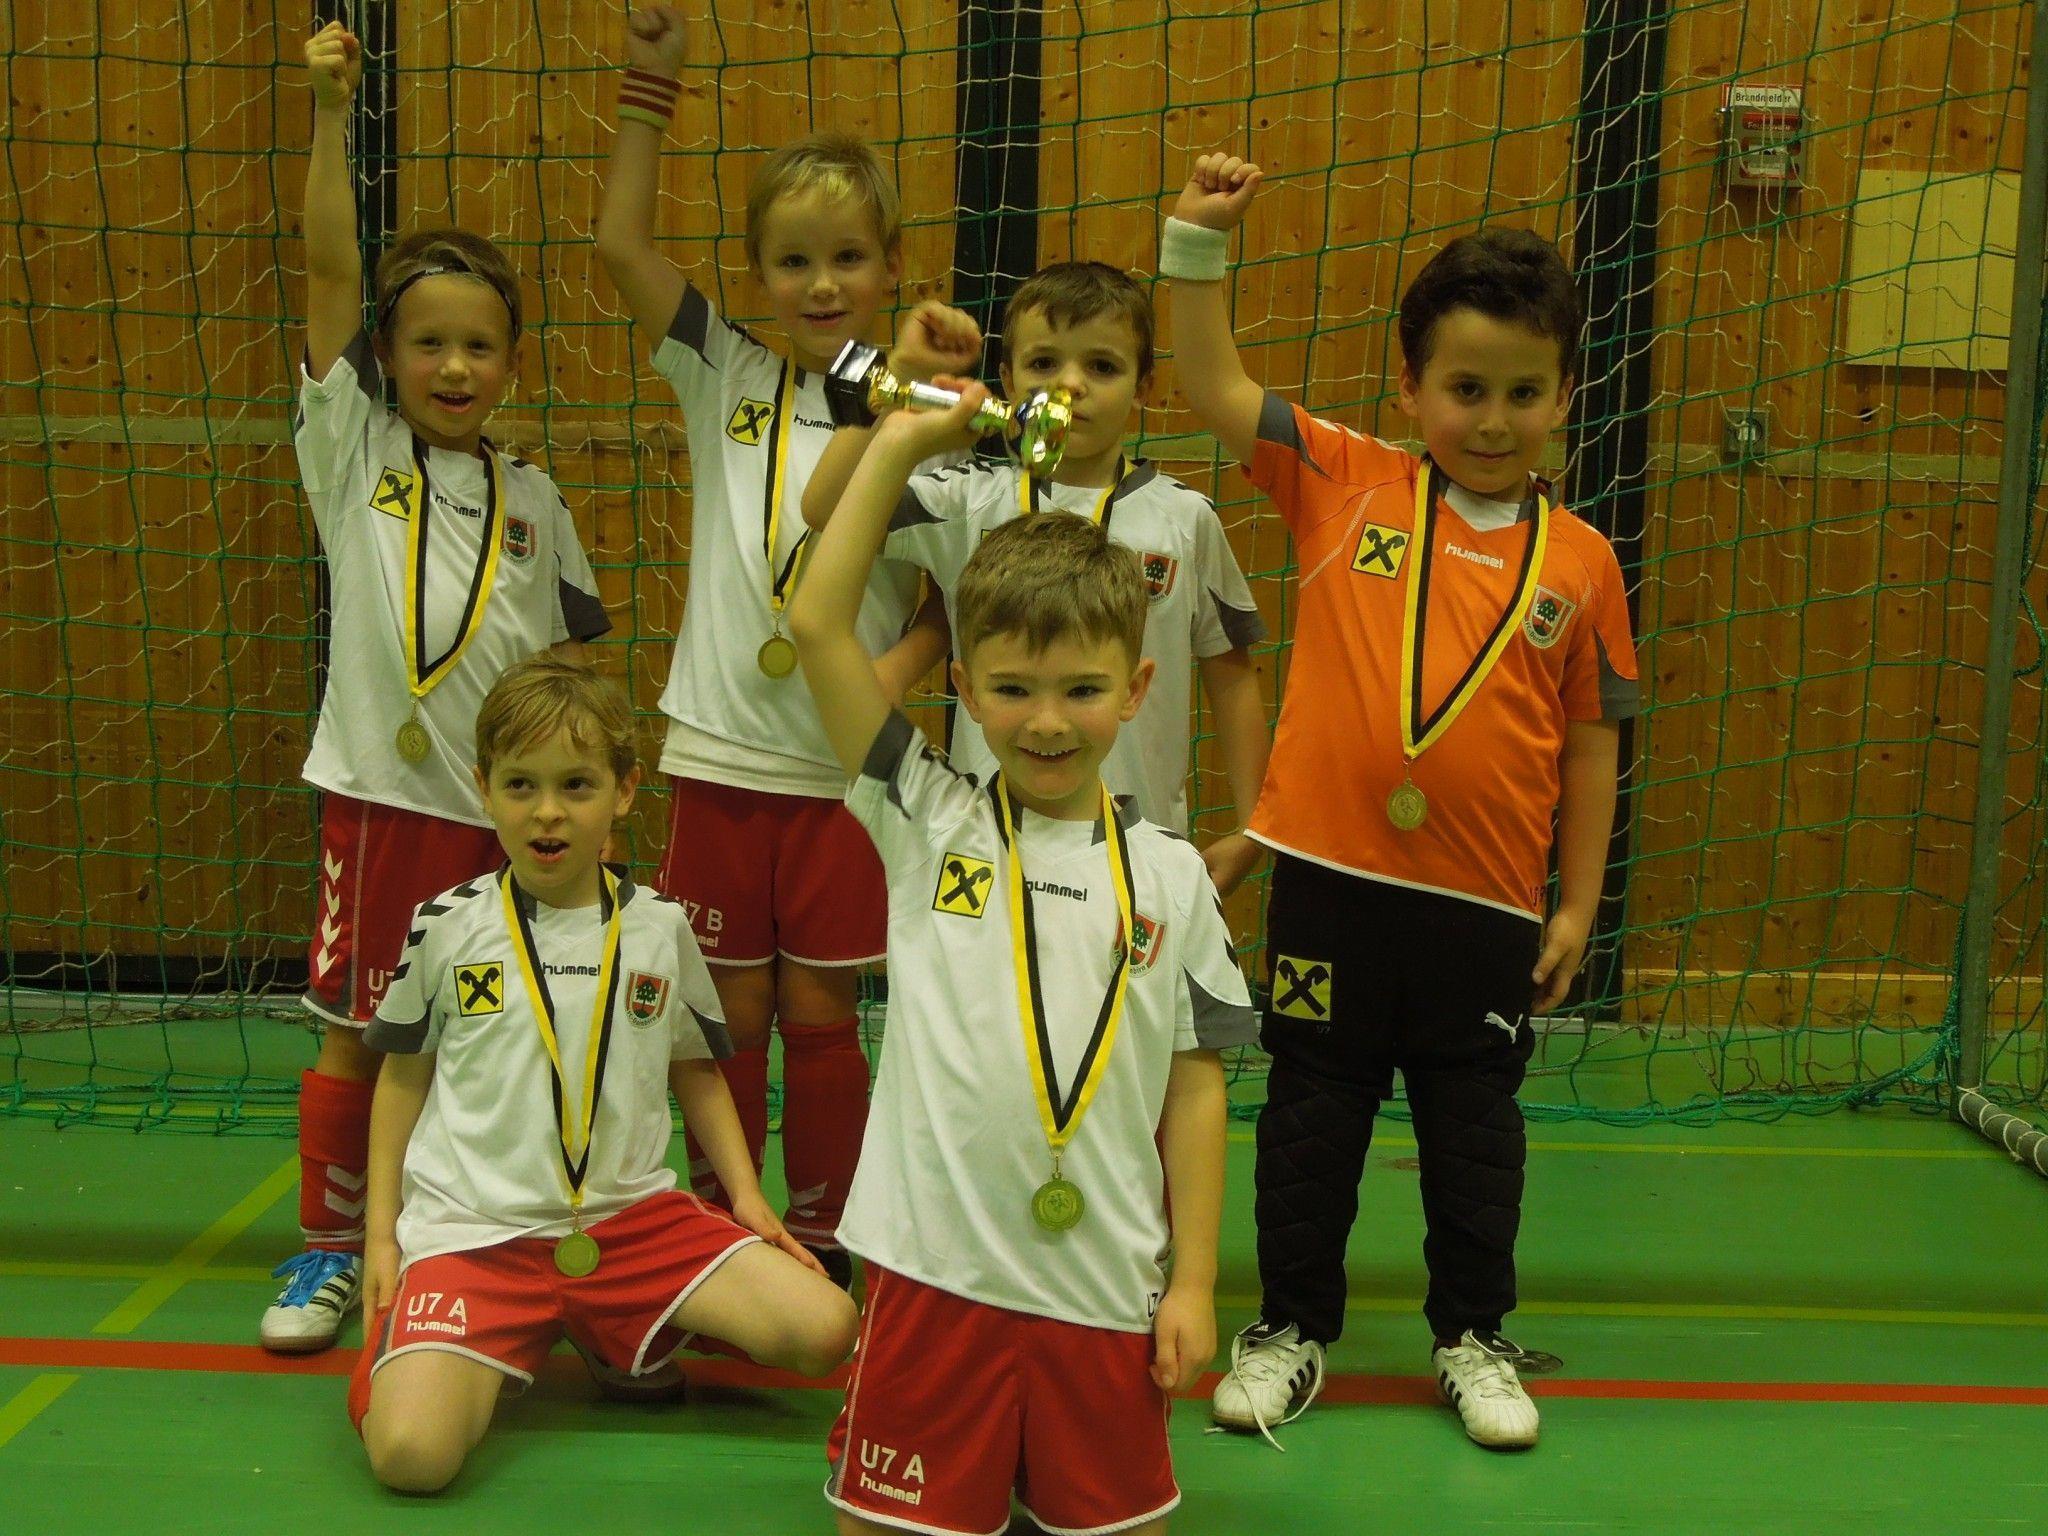 Das jüngste Siegerteam, die U7 des FC Dornbirn jubelte beim SC Graf Hatlerdorf Nachwuchshallenturnier.